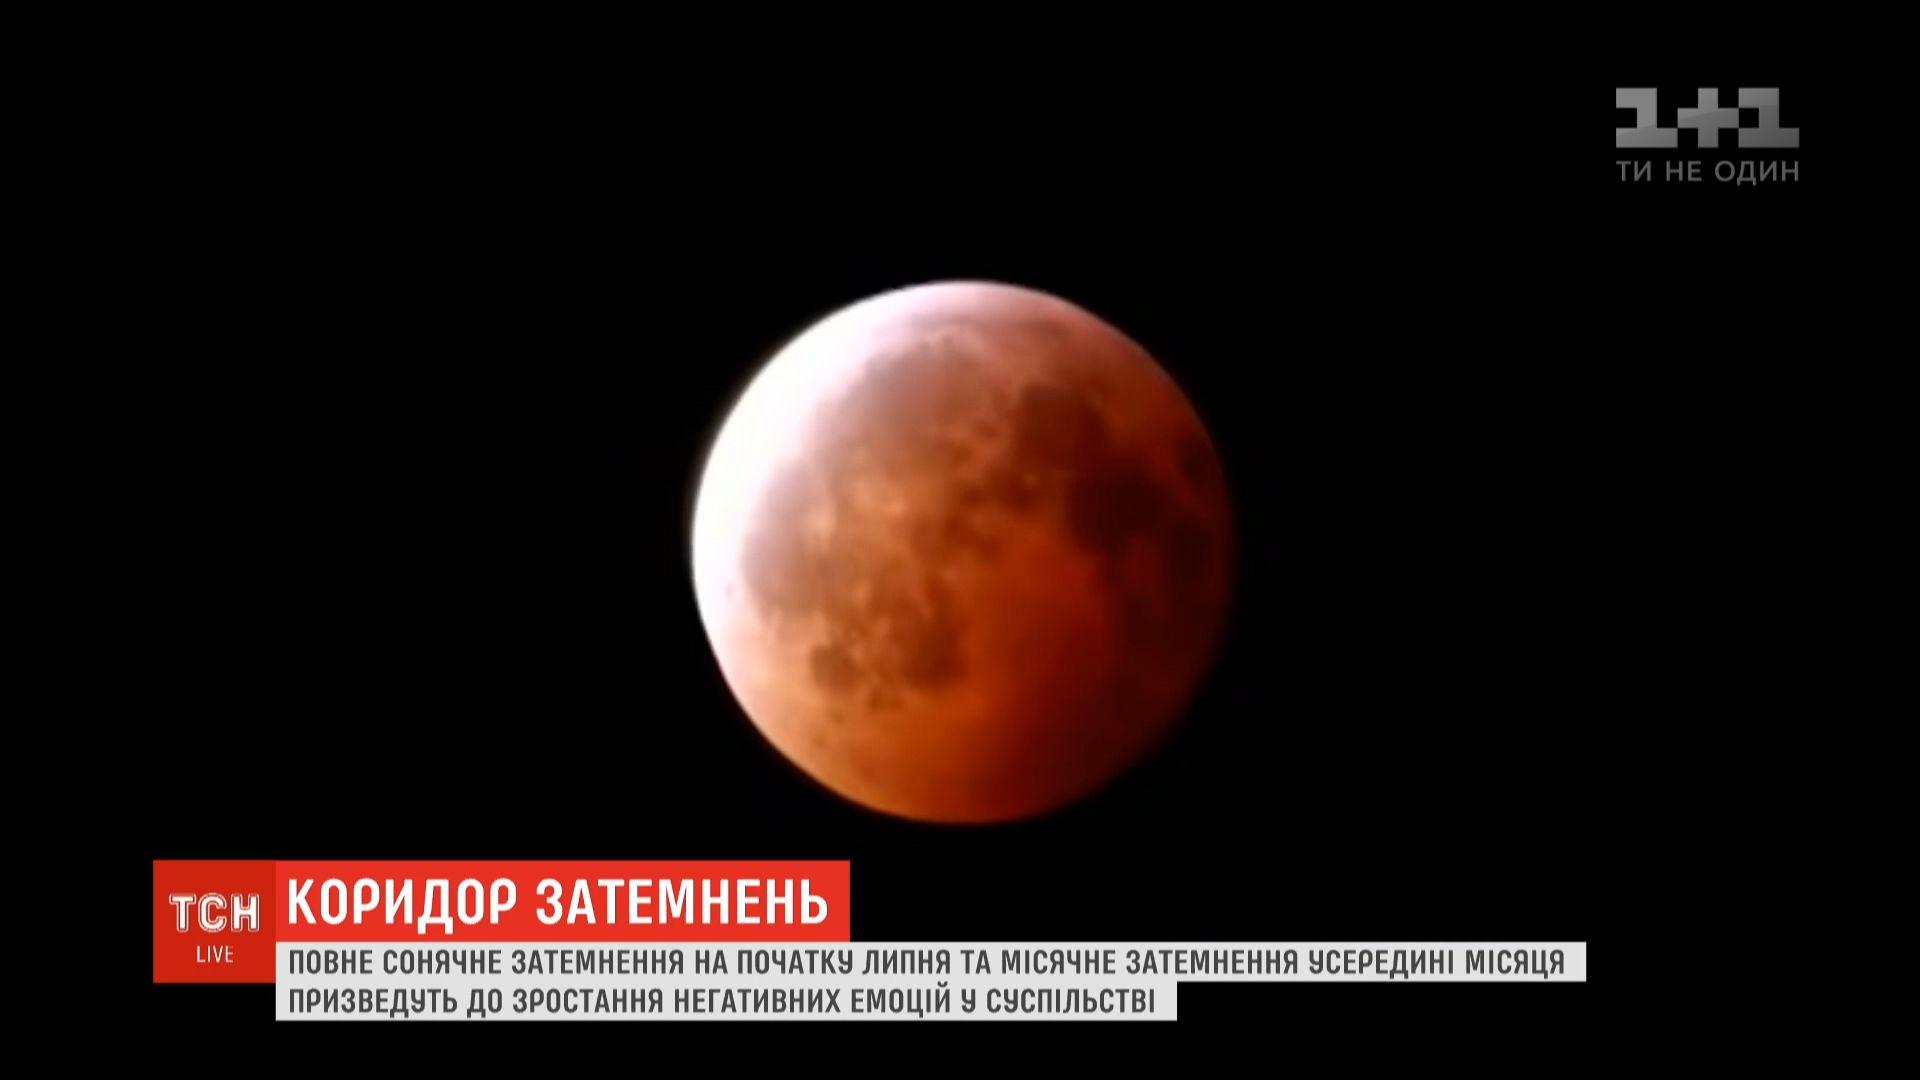 Солнечное затмение начнется 2 июля в 22:23 по киевскому времени / скриншот